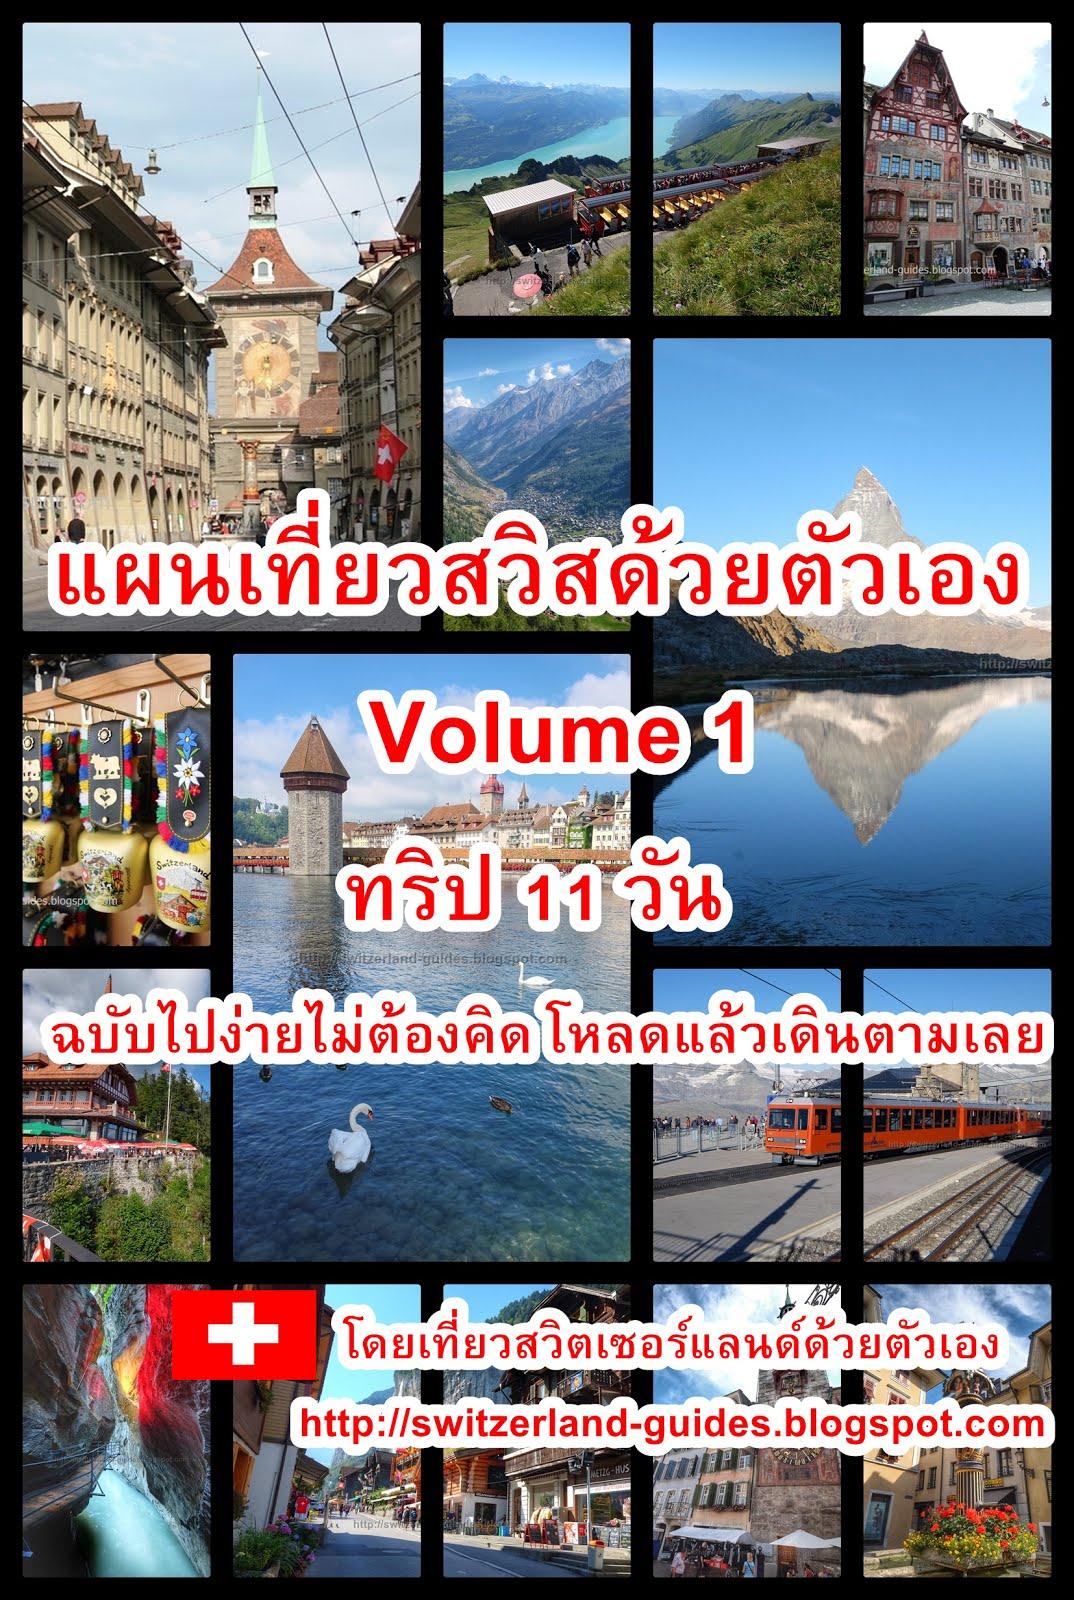 Ebook แผนเที่ยวสวิสด้วยตัวเอง V.1